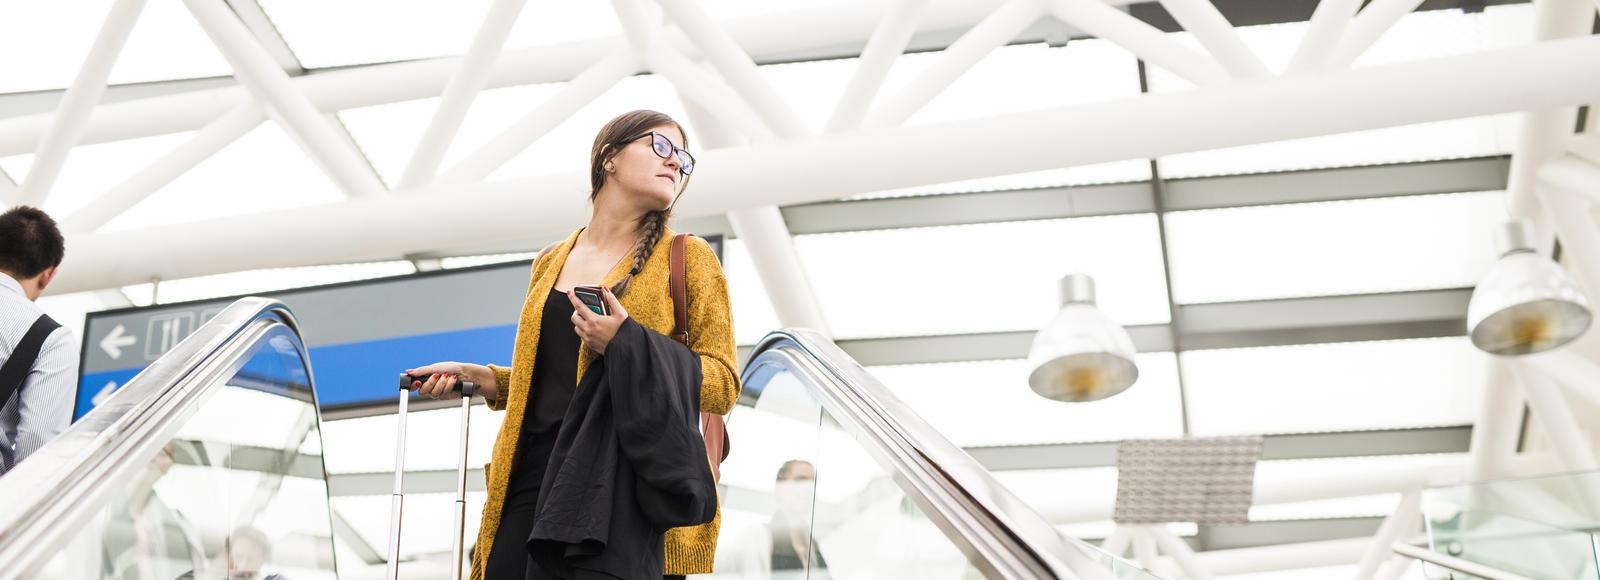 Neuigkeiten zum Coronavirus: Was bedeuten die US-Reiseeinschränkungen für mich?